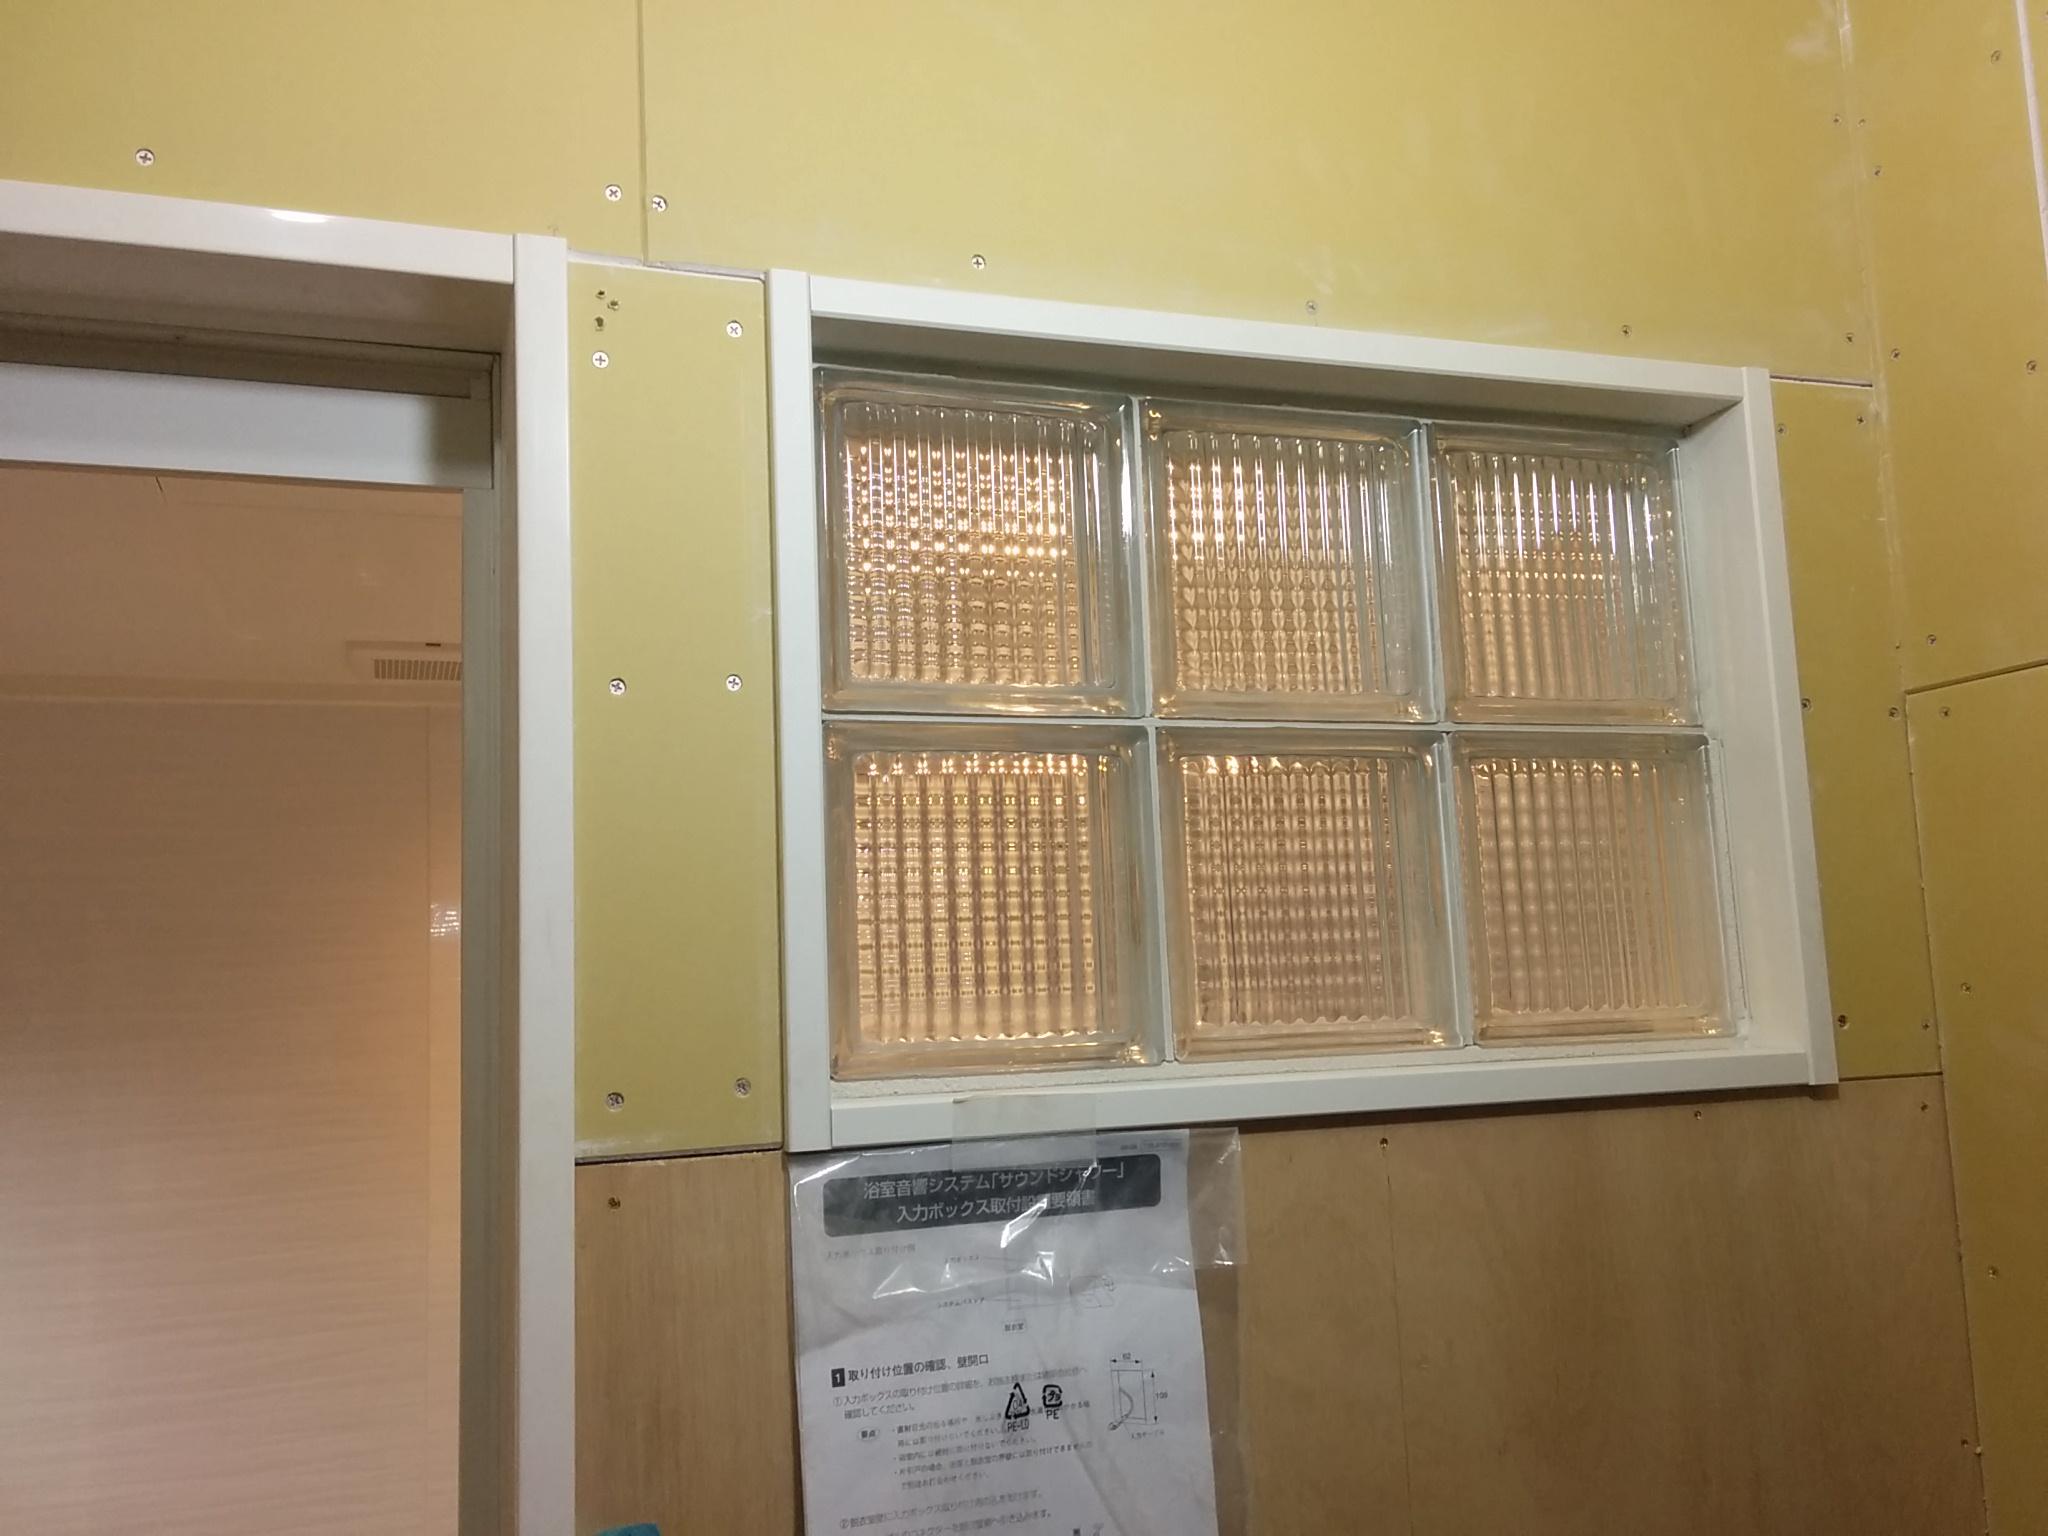 ユニットバスとガラスブロックの内窓